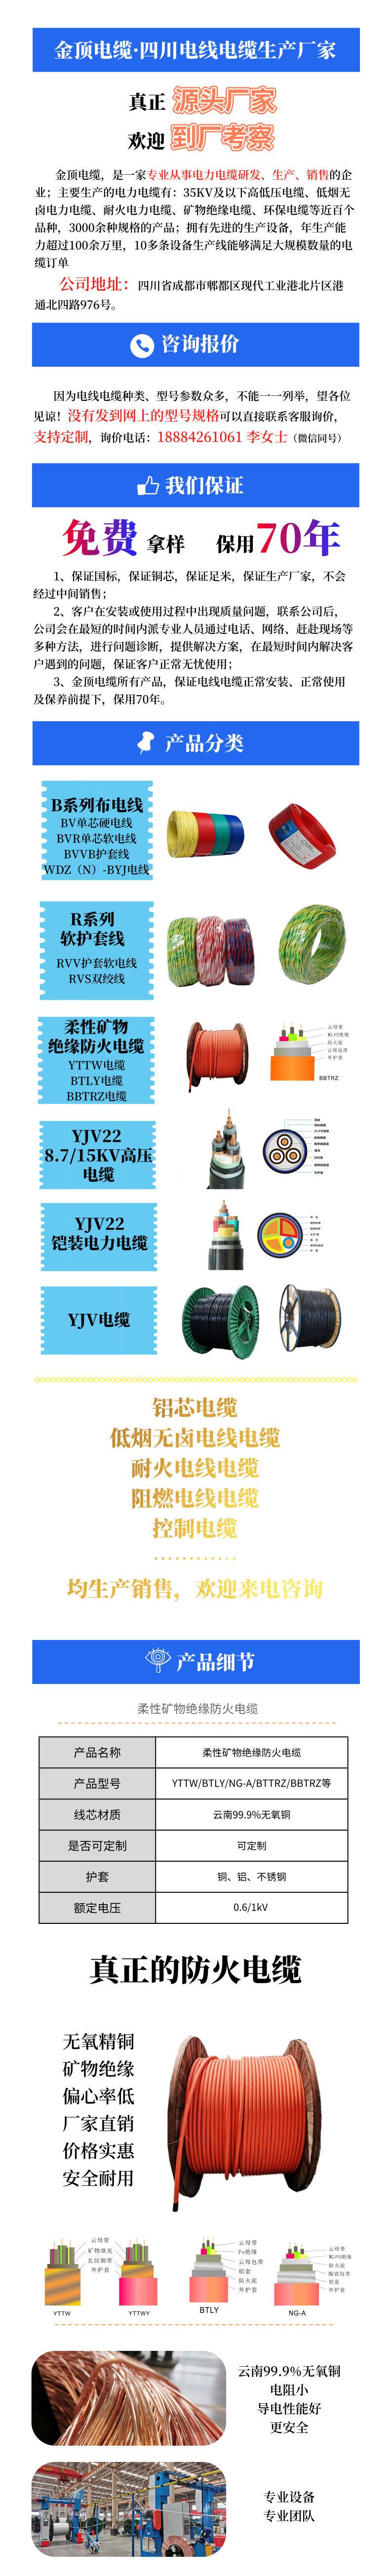 矿物质电缆 防火电缆 YTTW柔性矿物电缆 电线电缆 金顶电缆示例图8